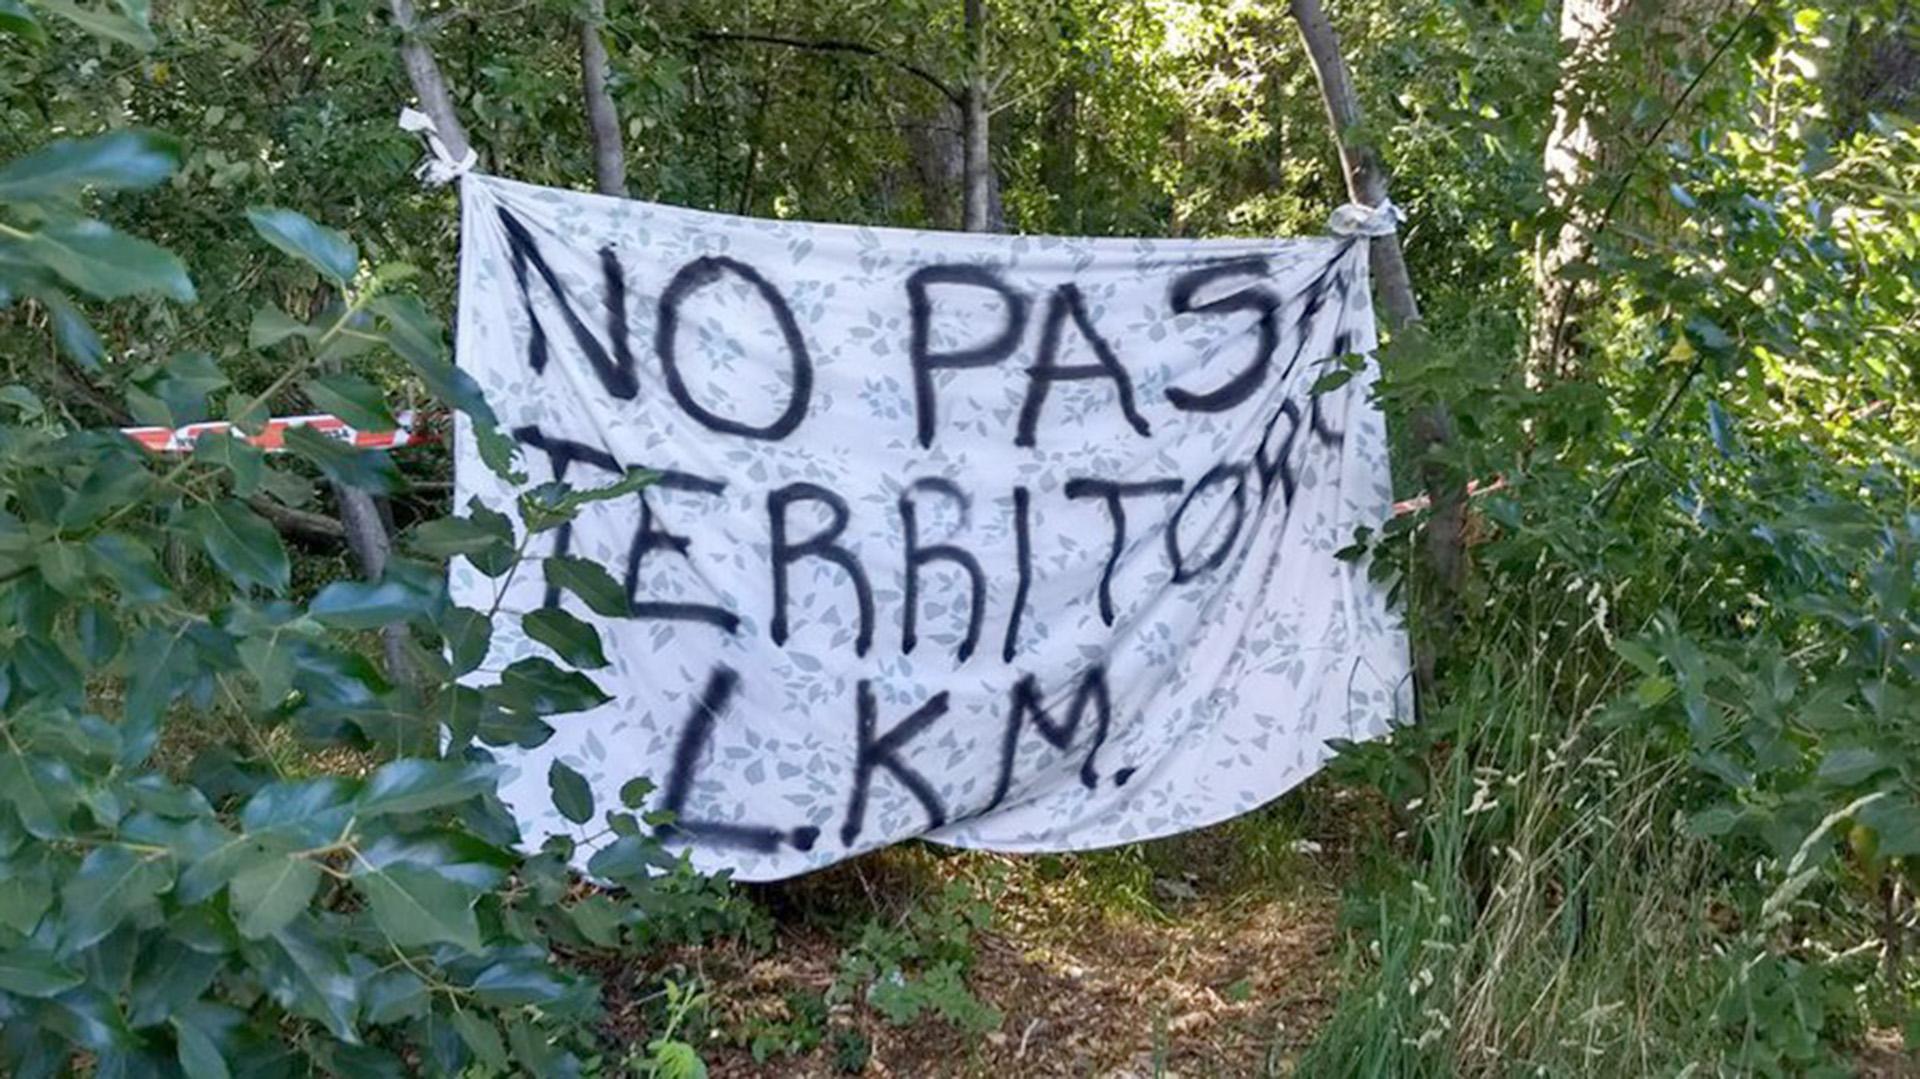 Una de las banderas que está instalada en el territorio tomado por la comunidad mapuche (@PPTenel13)